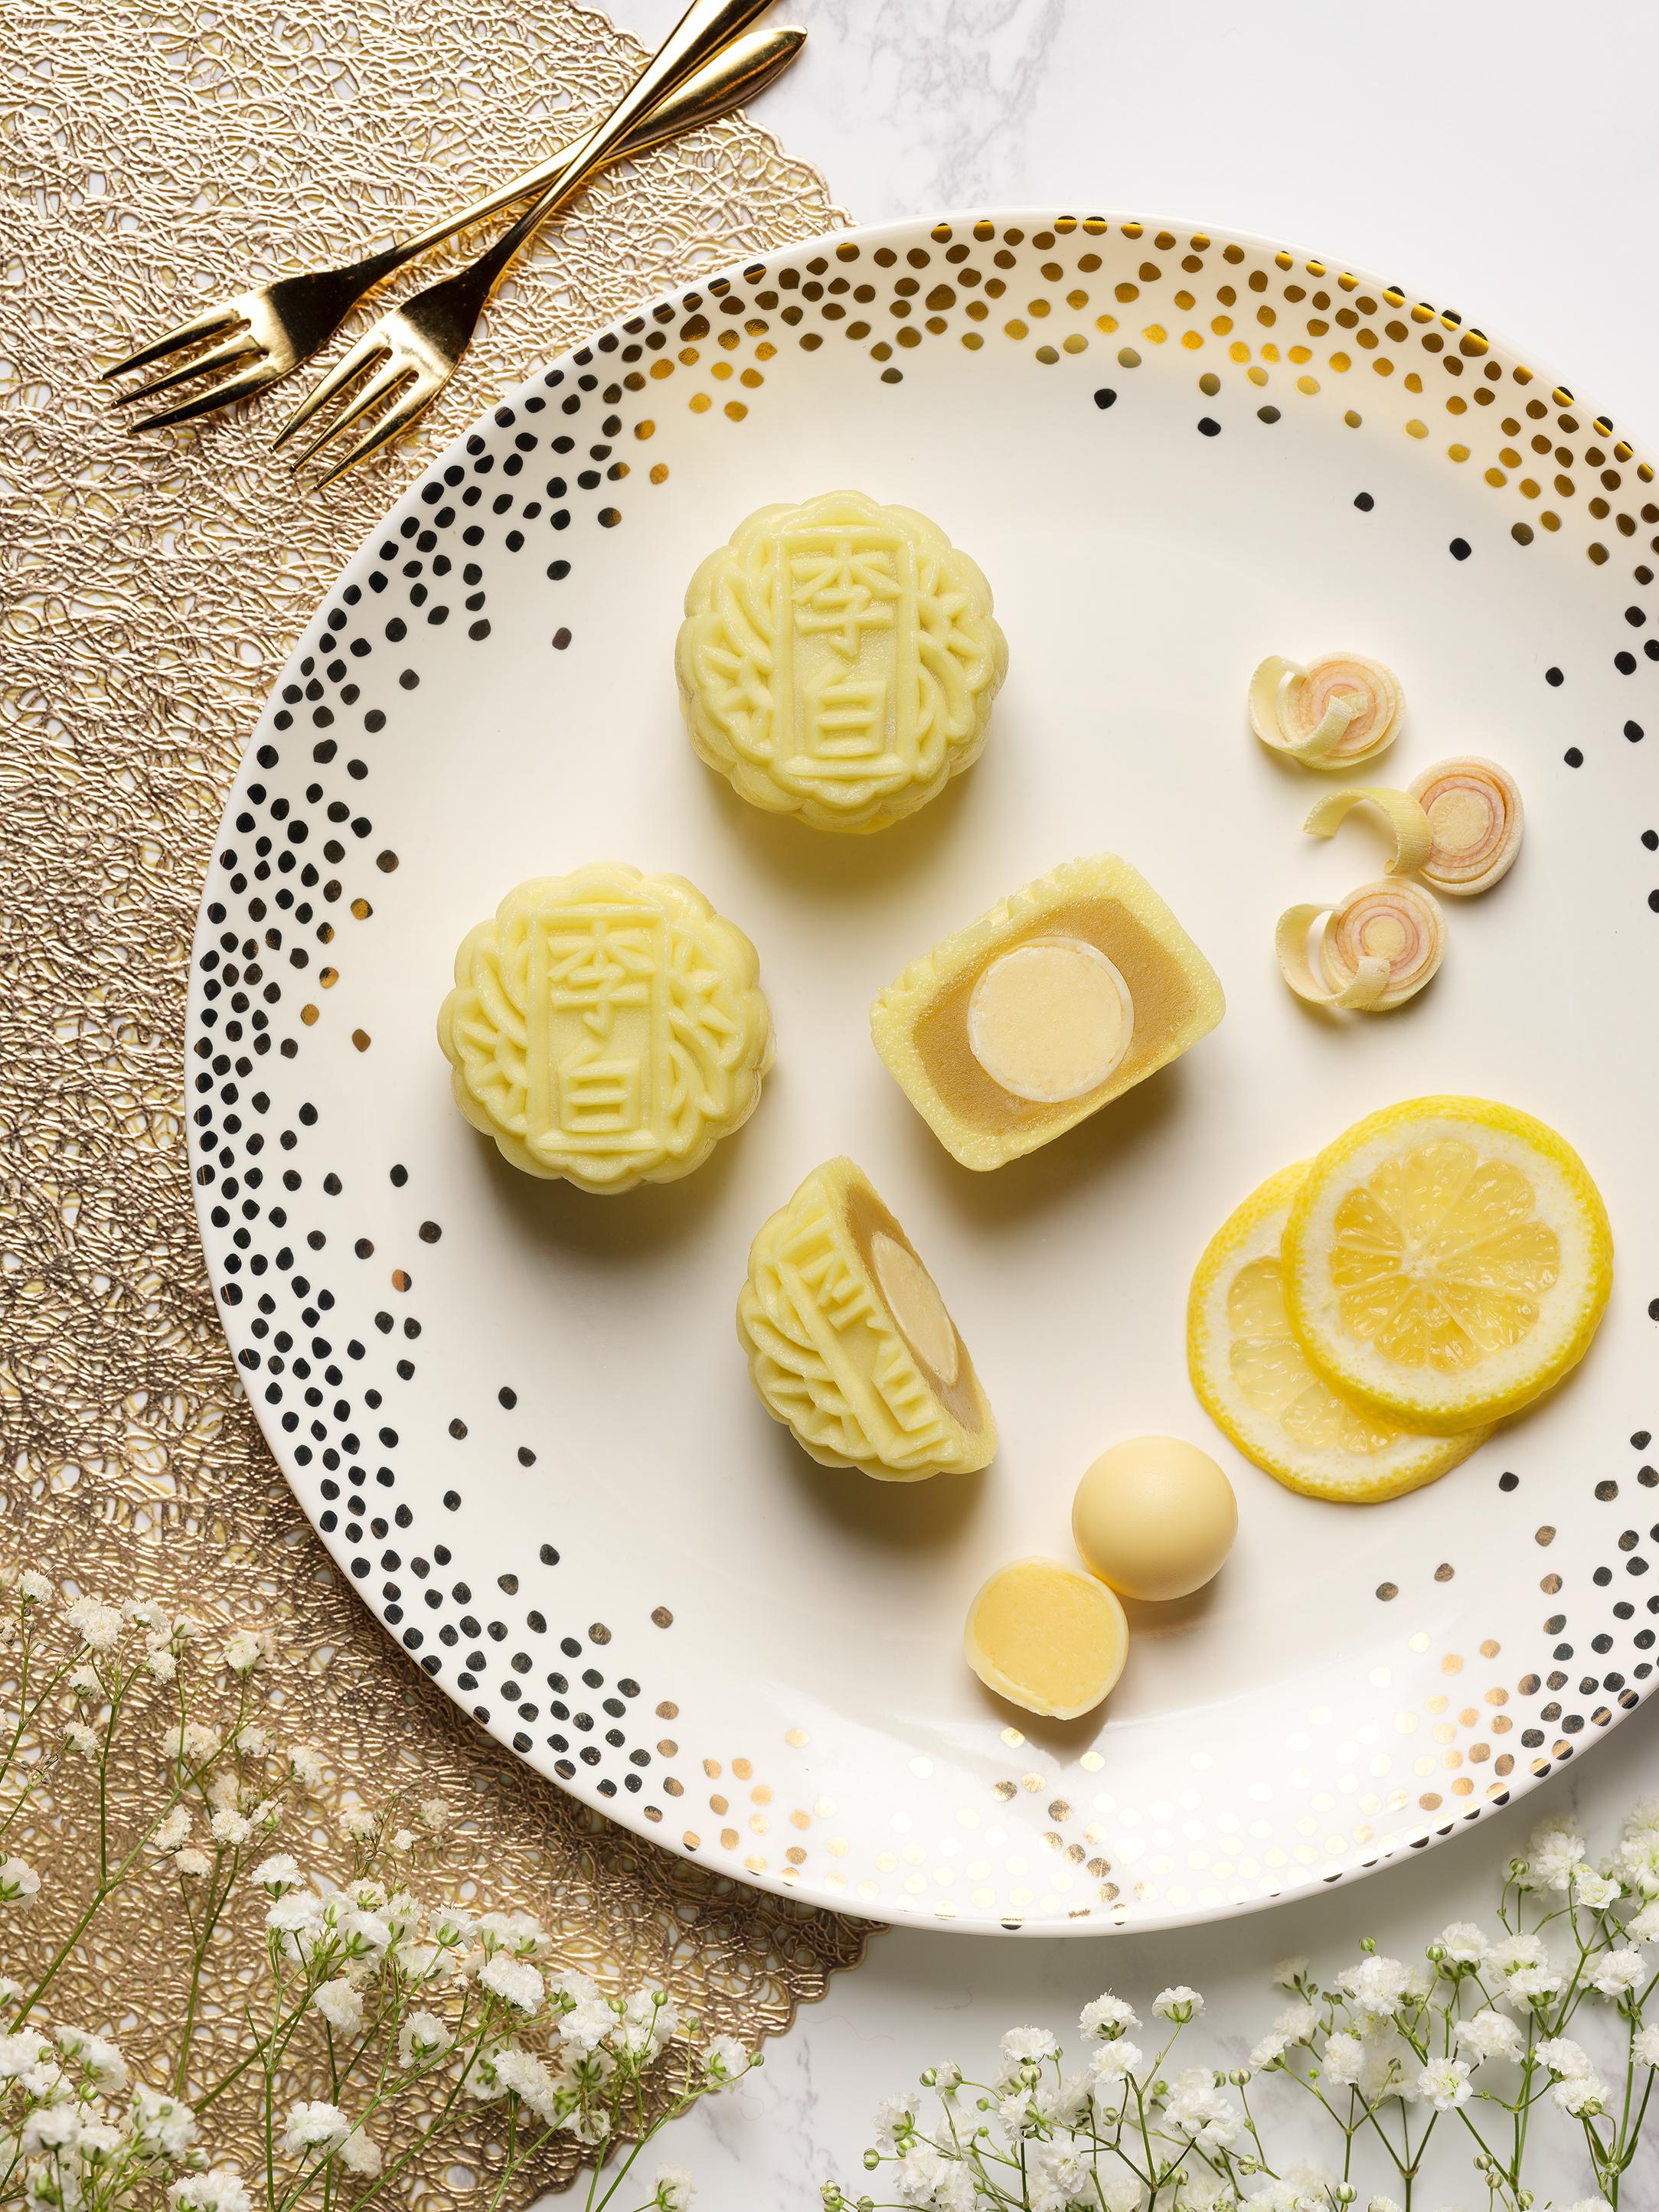 Sheraton Towers Singapore - Mini Snowskin Mooncake - Lemon and Lemongrass with White Lotus Seed Paste.jpg